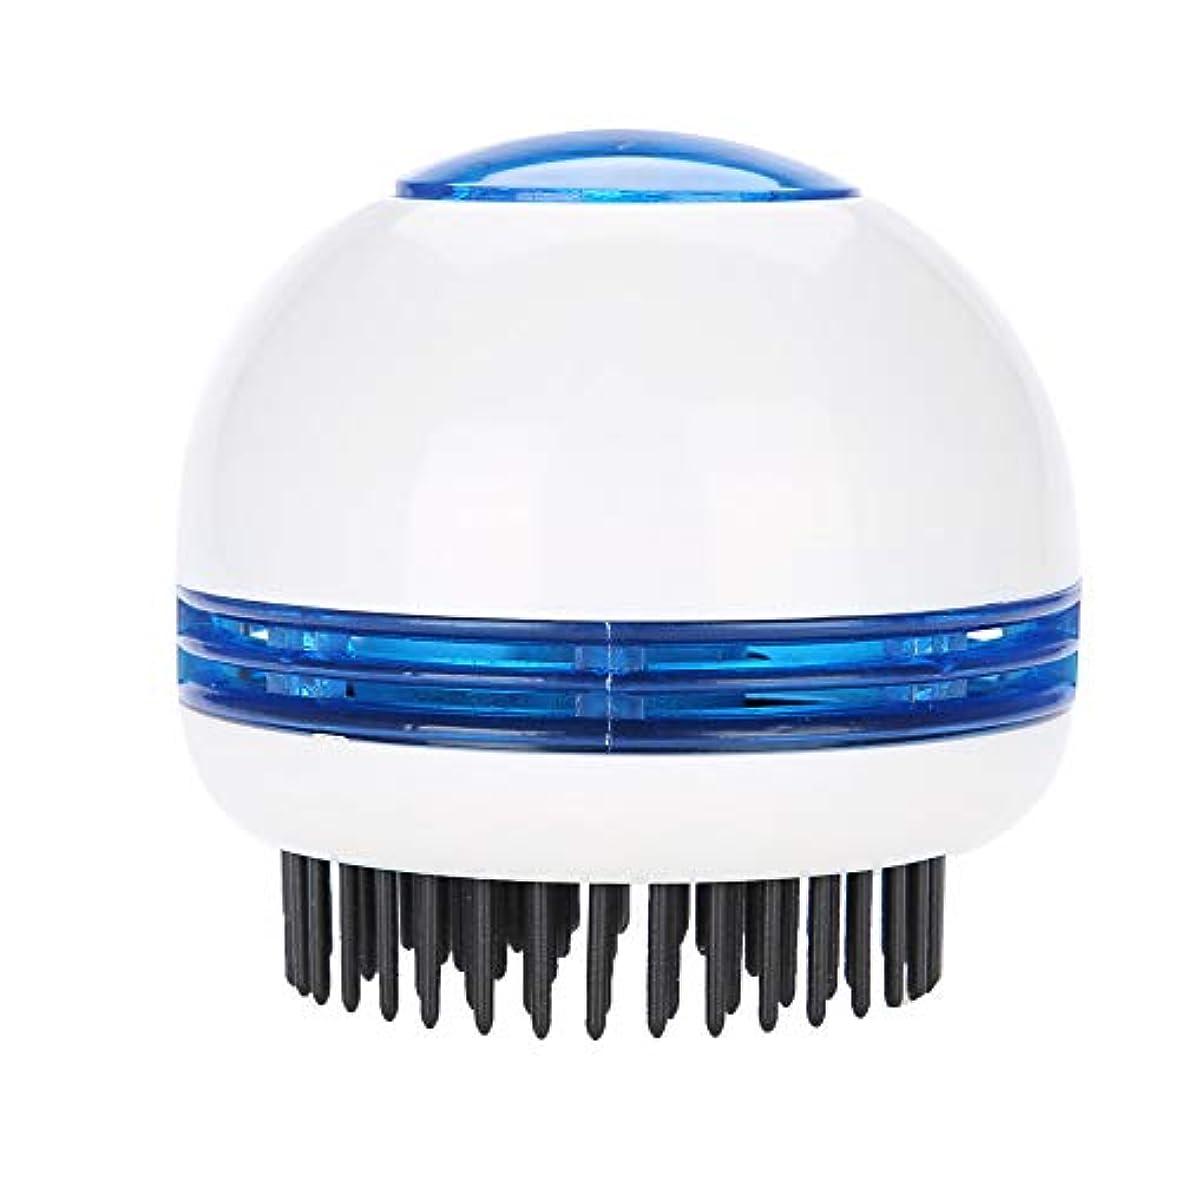 縁石姿を消す知覚するヘッドマッサージャー、電気式 頭皮マッサージ シャンプーブラシ防水 静電防止櫛毛髪の成長